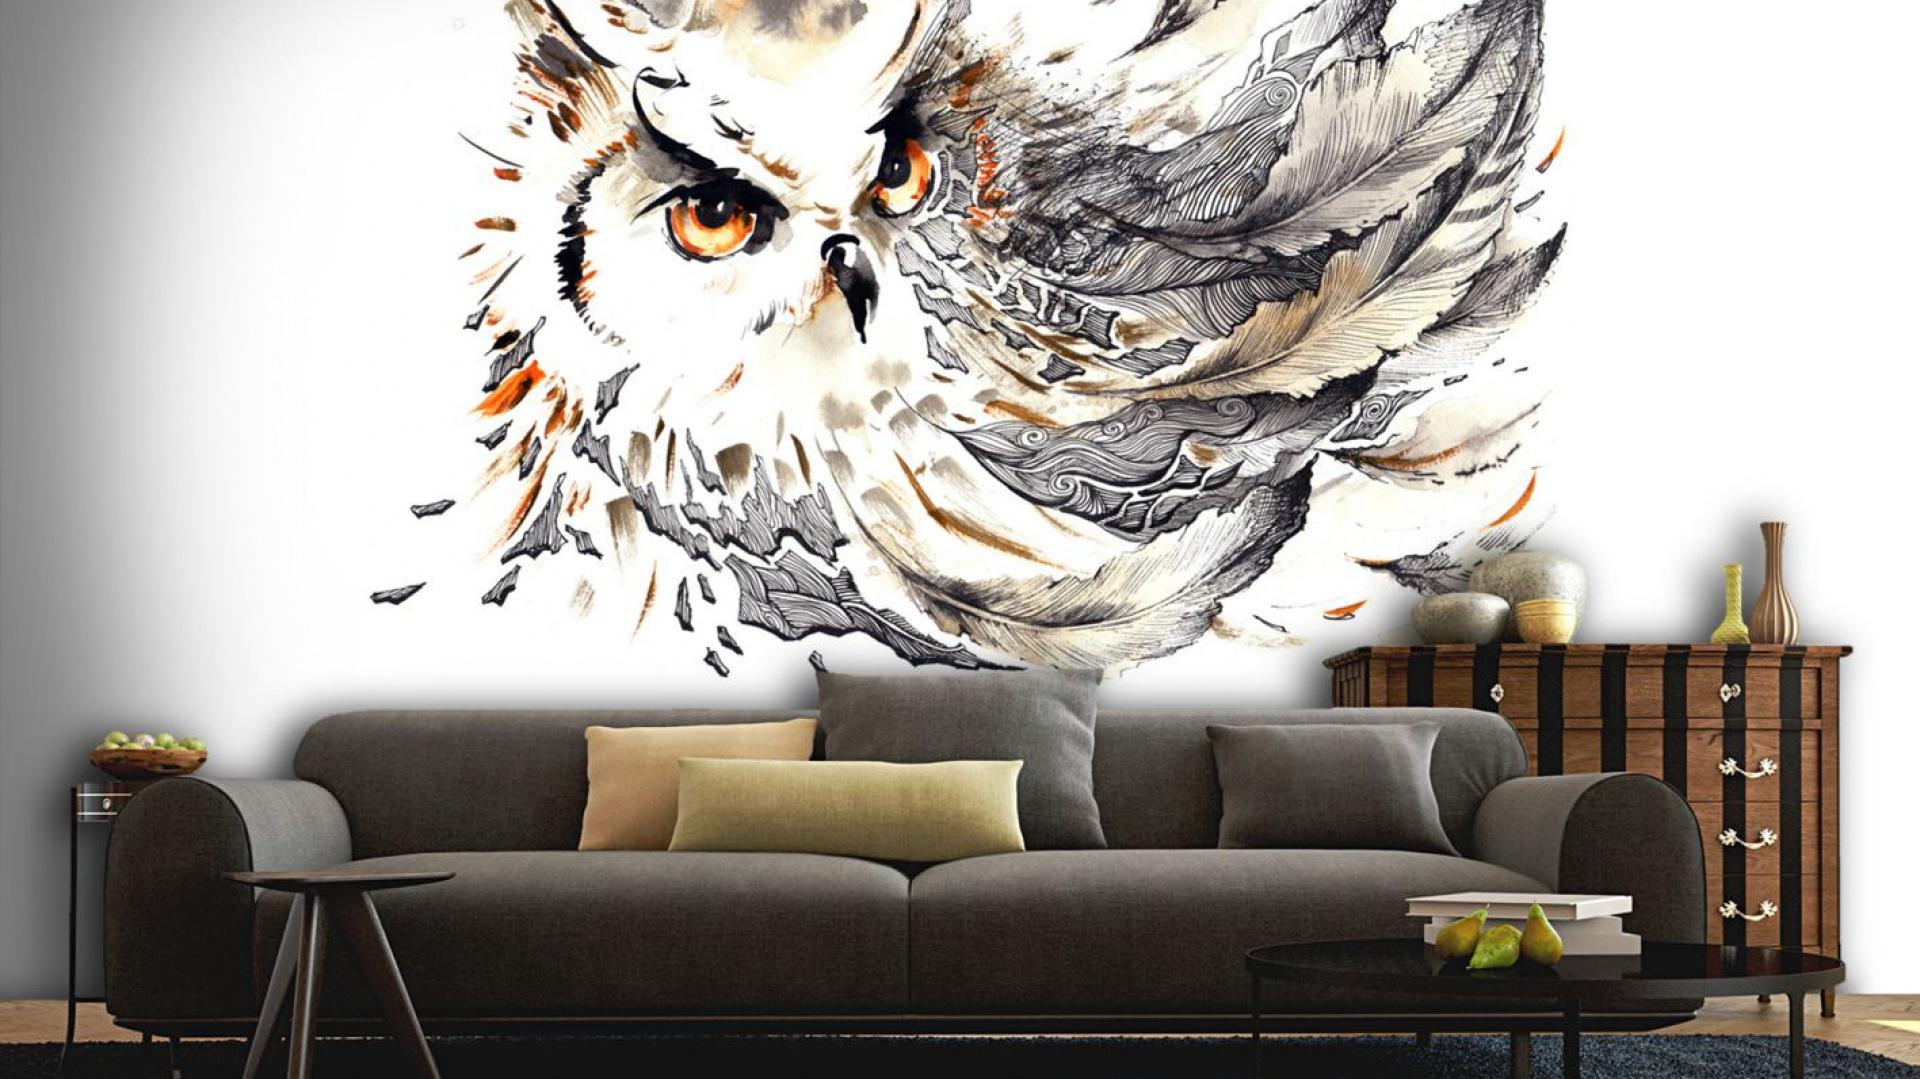 Fototapeta z motywem sowy utrzymana w pięknych, jesiennych kolorach. Idealna do salonu. Fot. Picassi.pl.